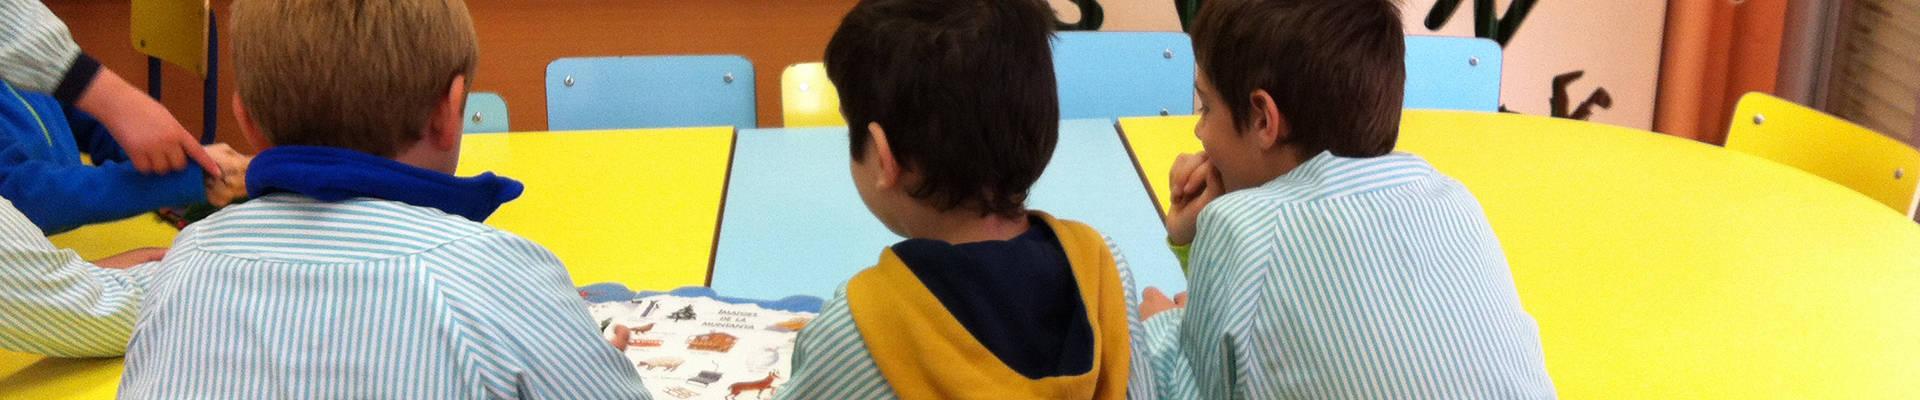 ESCOLA JOC DE LA BOLA Educació Lleida Lleida